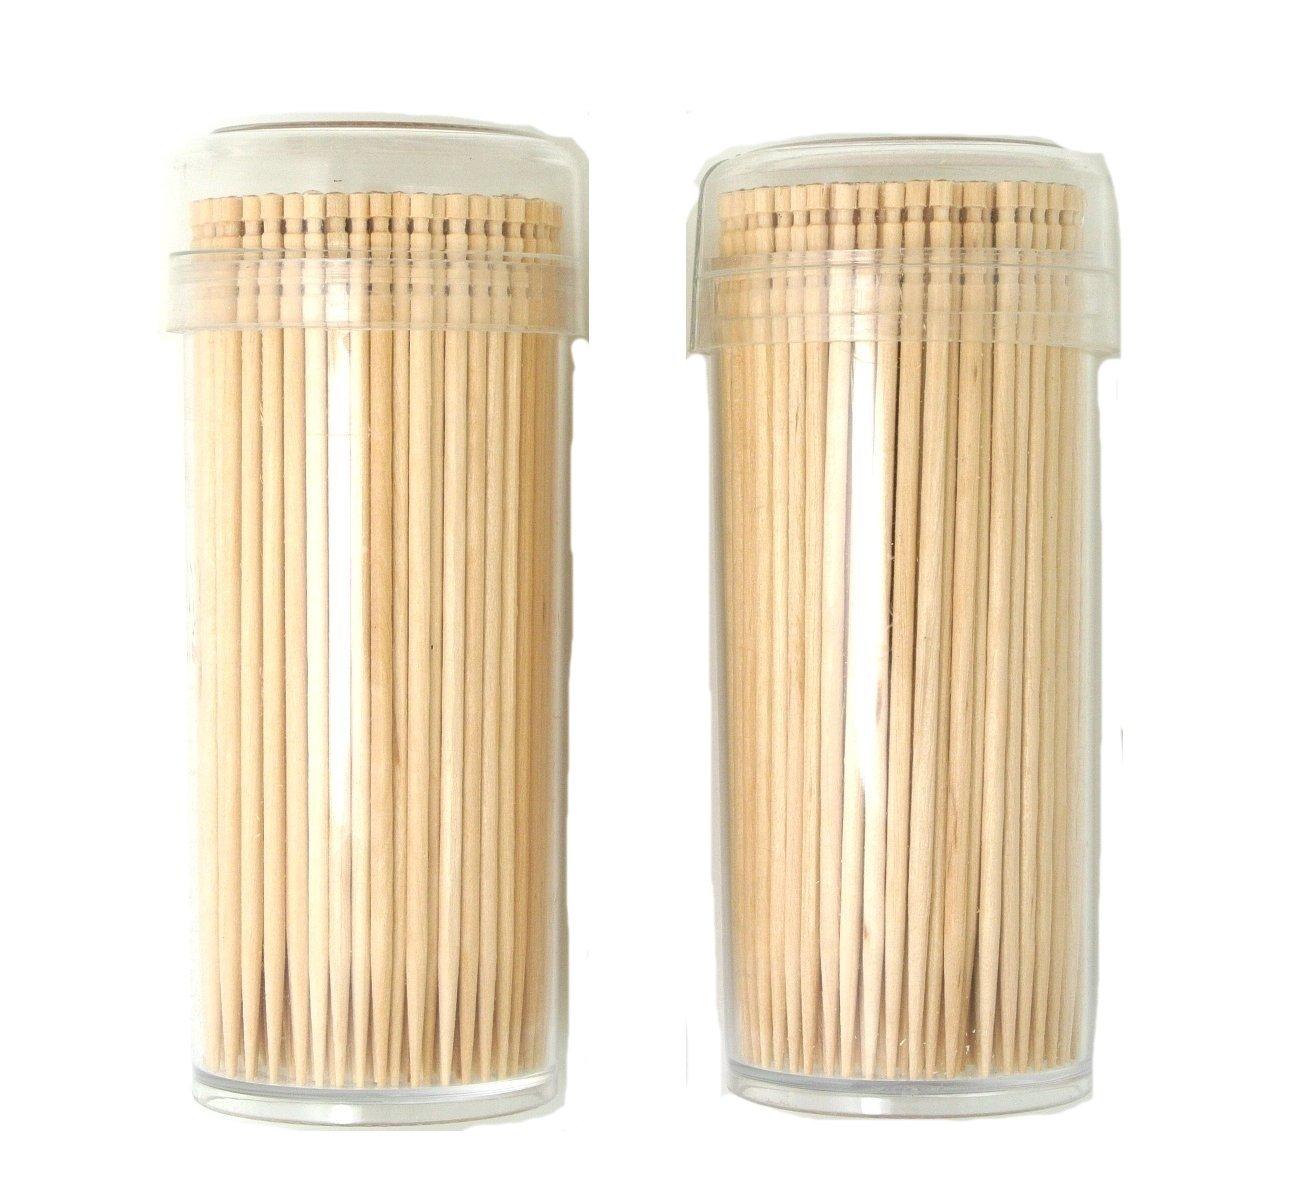 """Gmark Premium 4"""" Kokeshi Toothpicks Skewers 500ct (2 Packs of 250) GM1034"""